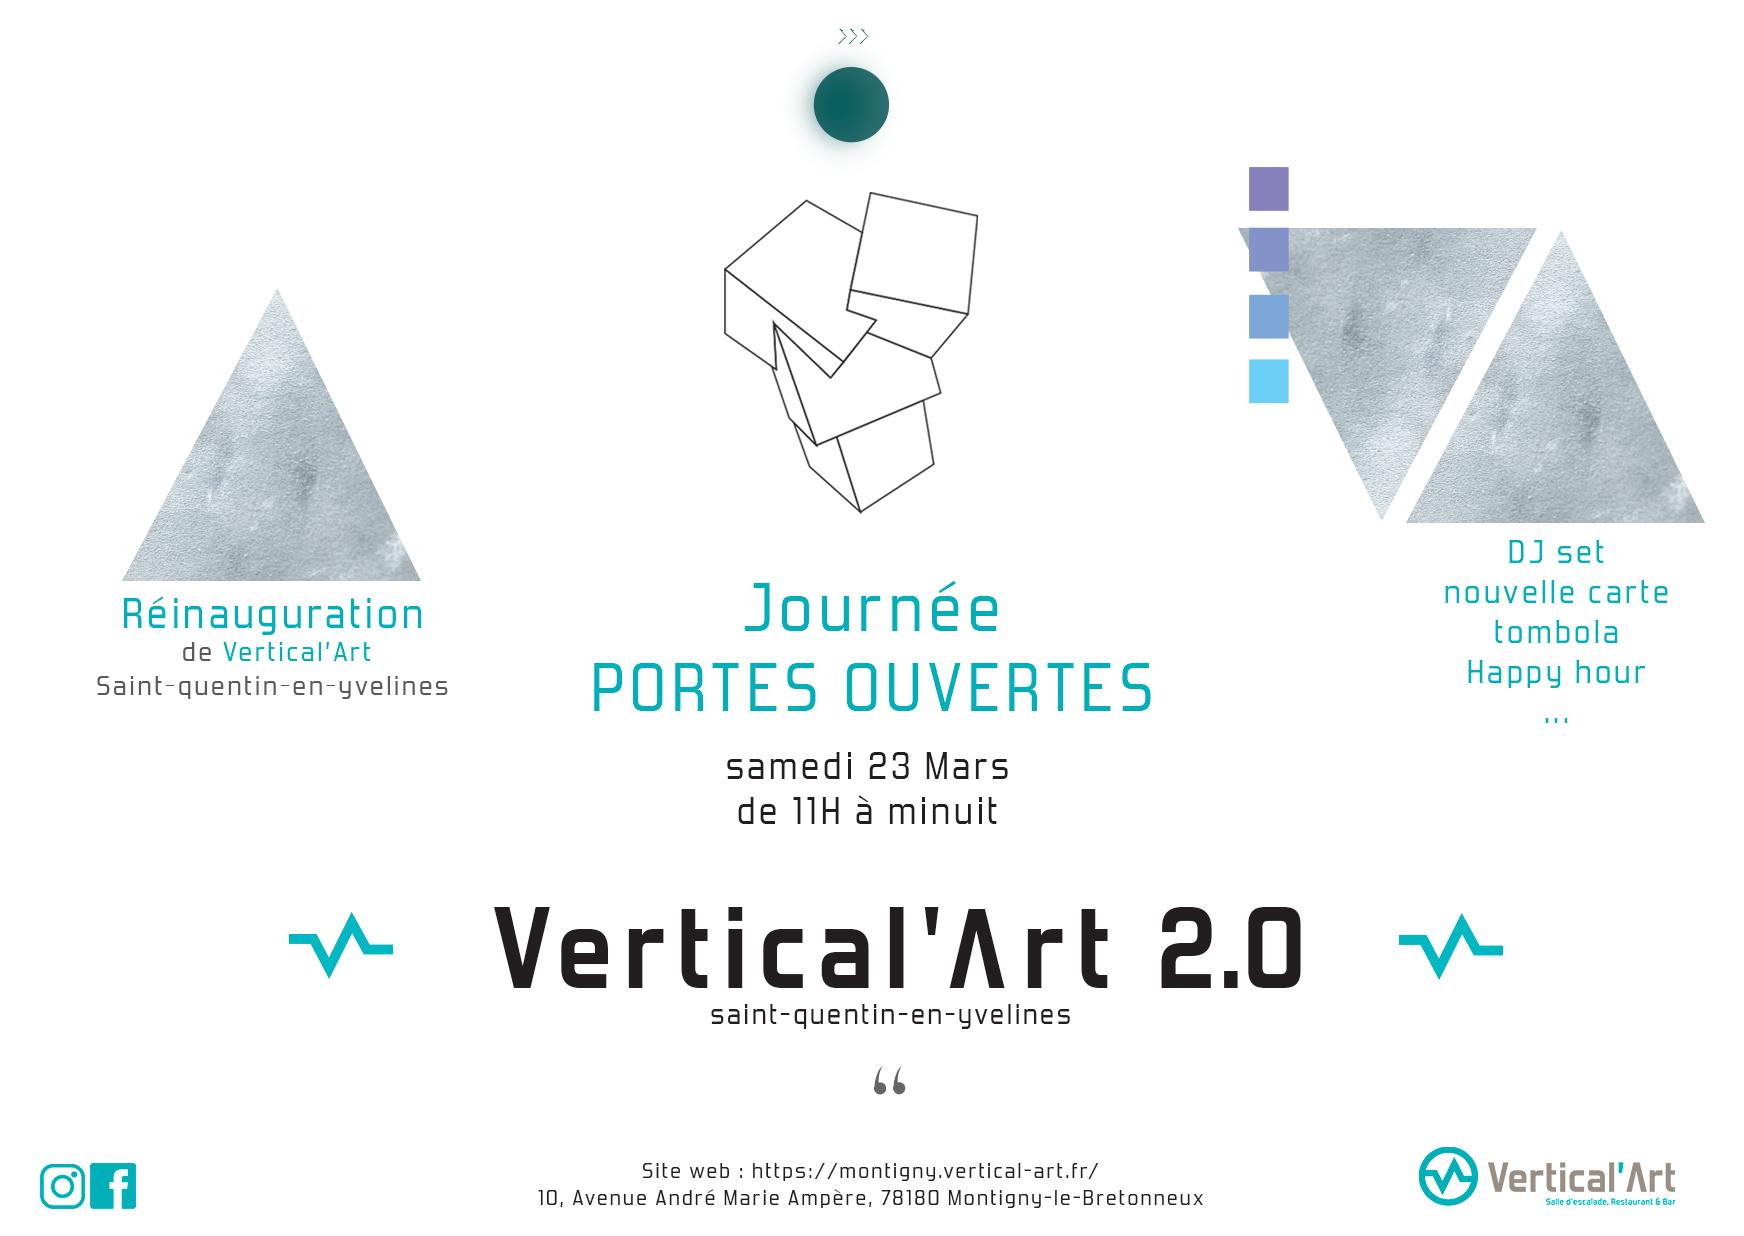 Vertical'Art 2.0 / Journée portes ouvertes / saint quentin en yvelines / DJ set, tombola, réinauguration